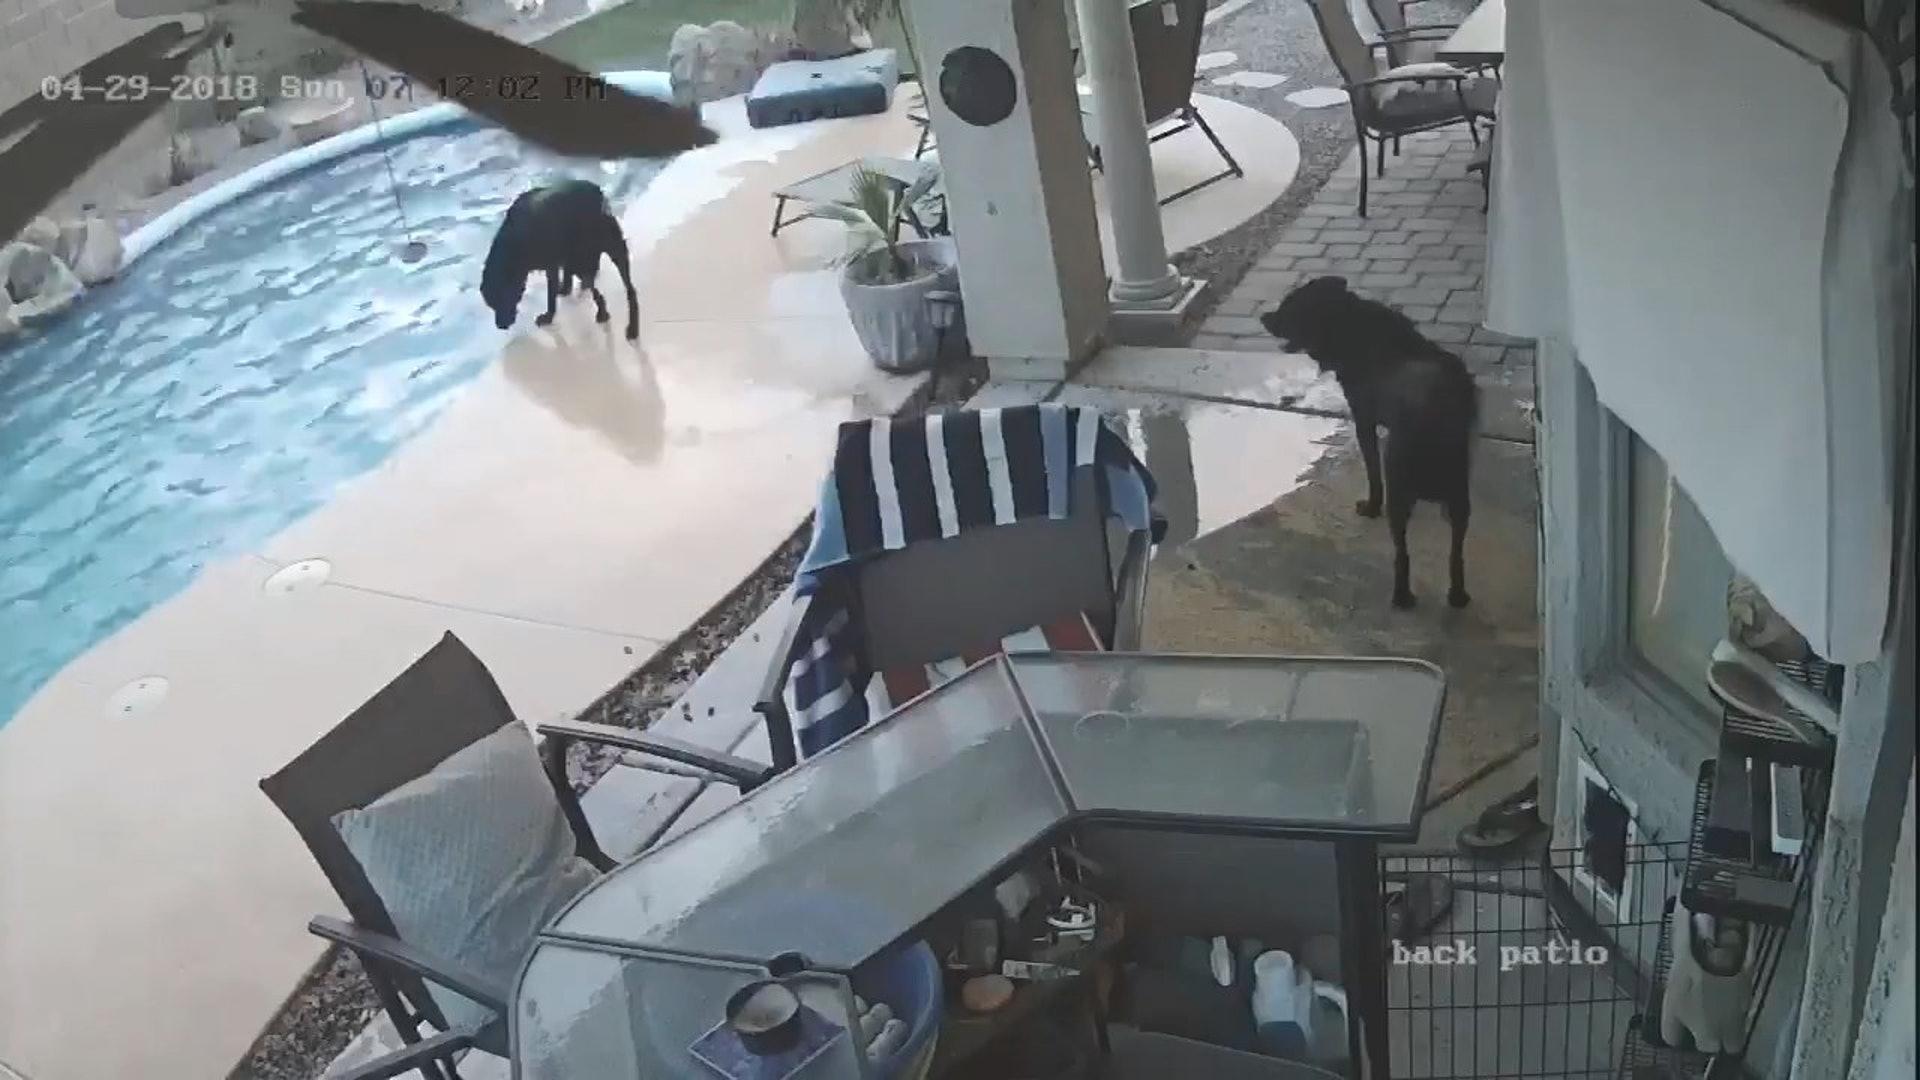 幸好Smokey得到狗朋友Remus的幫助,脫離溺水險境。(影片截圖)